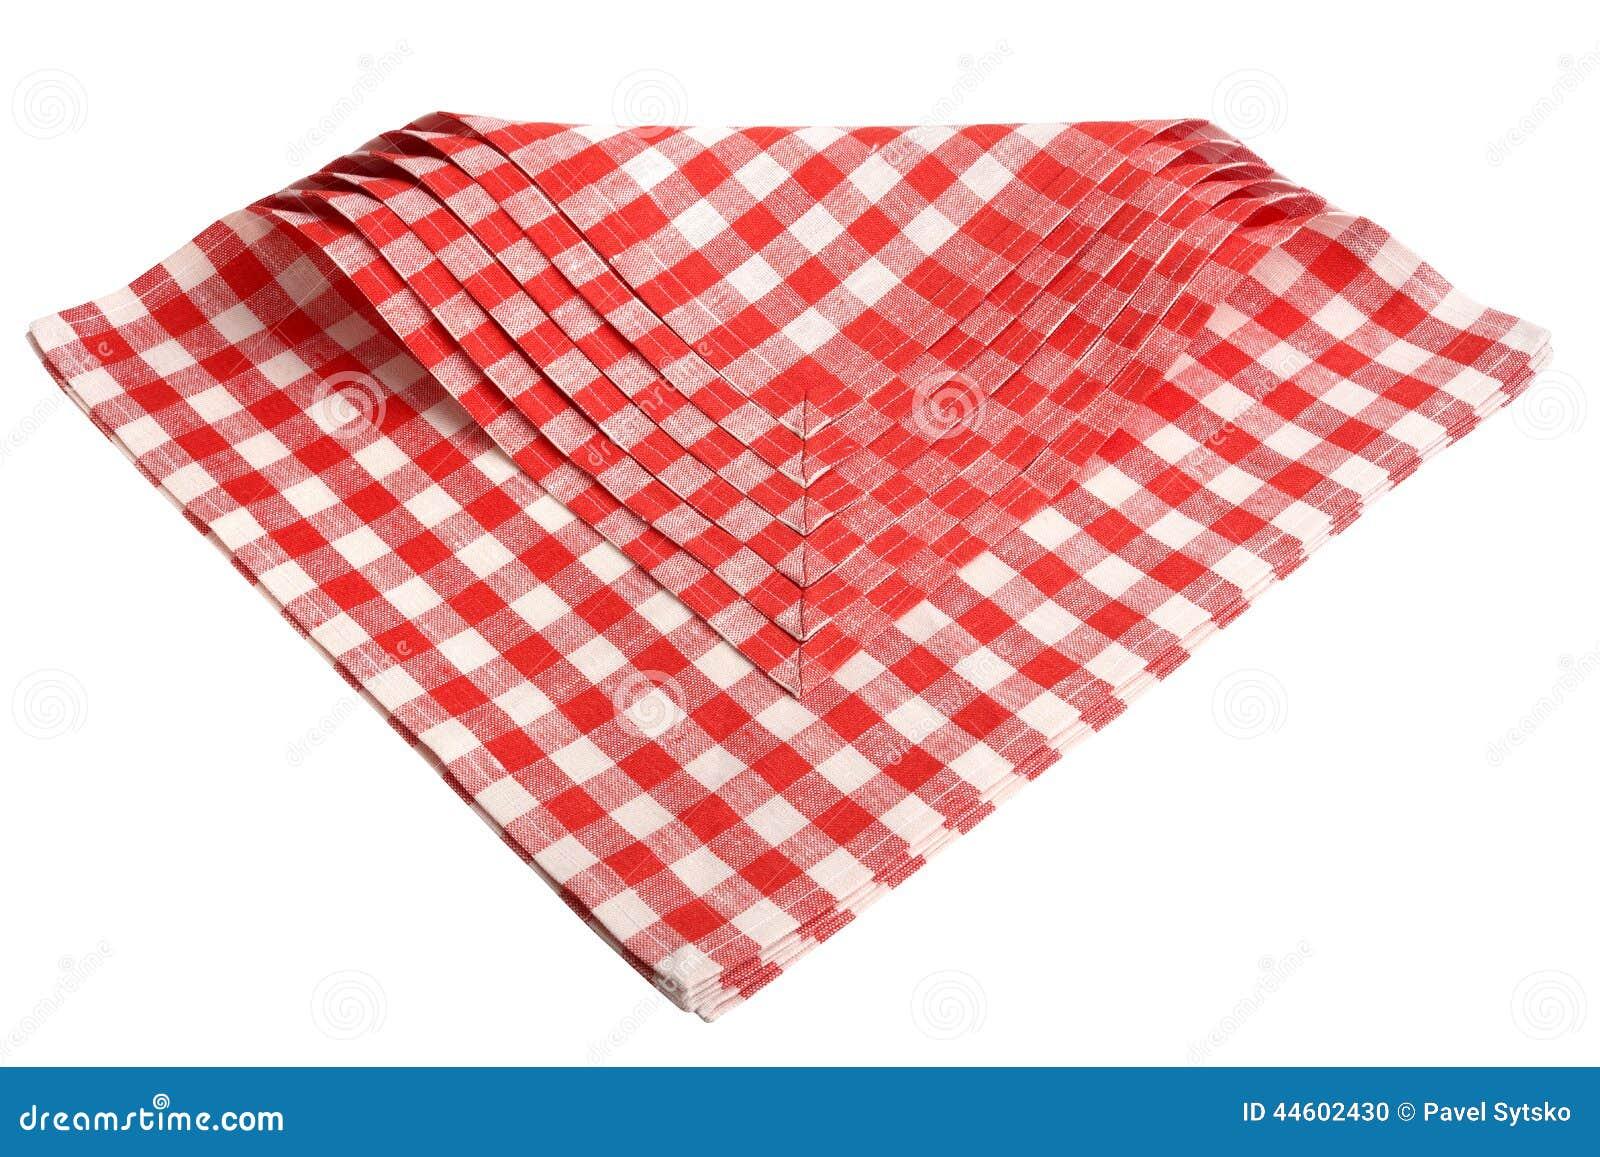 Serviette carreaux rouge et blanc les ustensiles de cuisine - Serviette de table carreaux ...